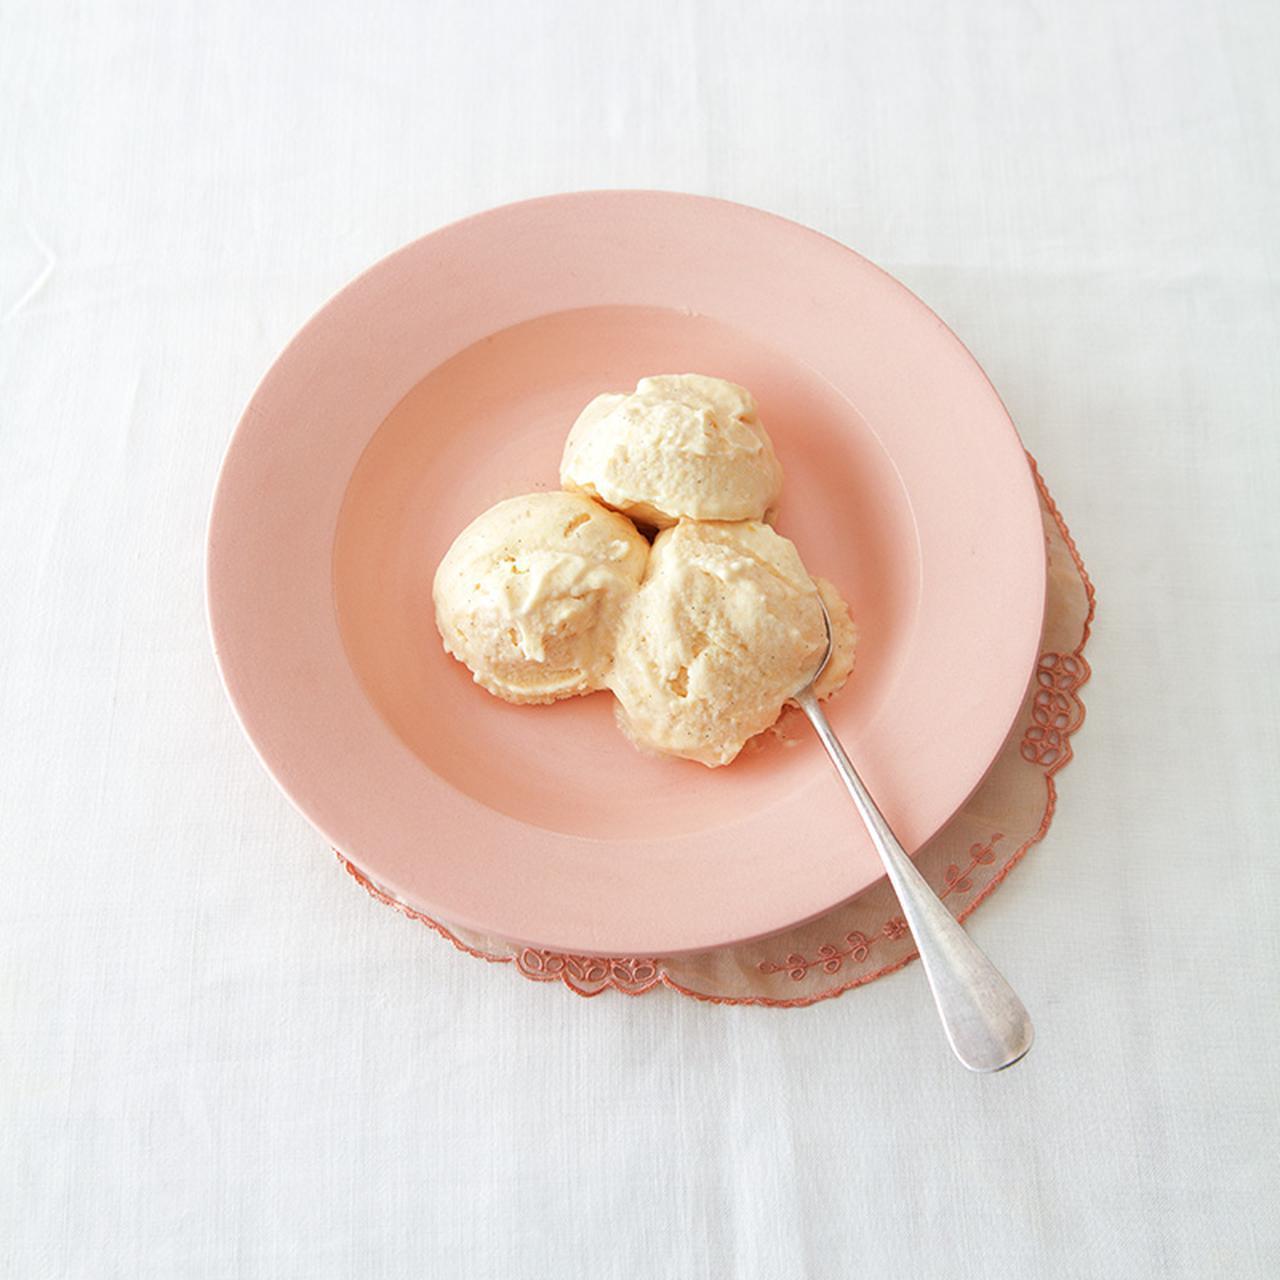 画像: 桃とバニラのジェラートのつくり方|かわいいアイス/千葉奈津絵さん